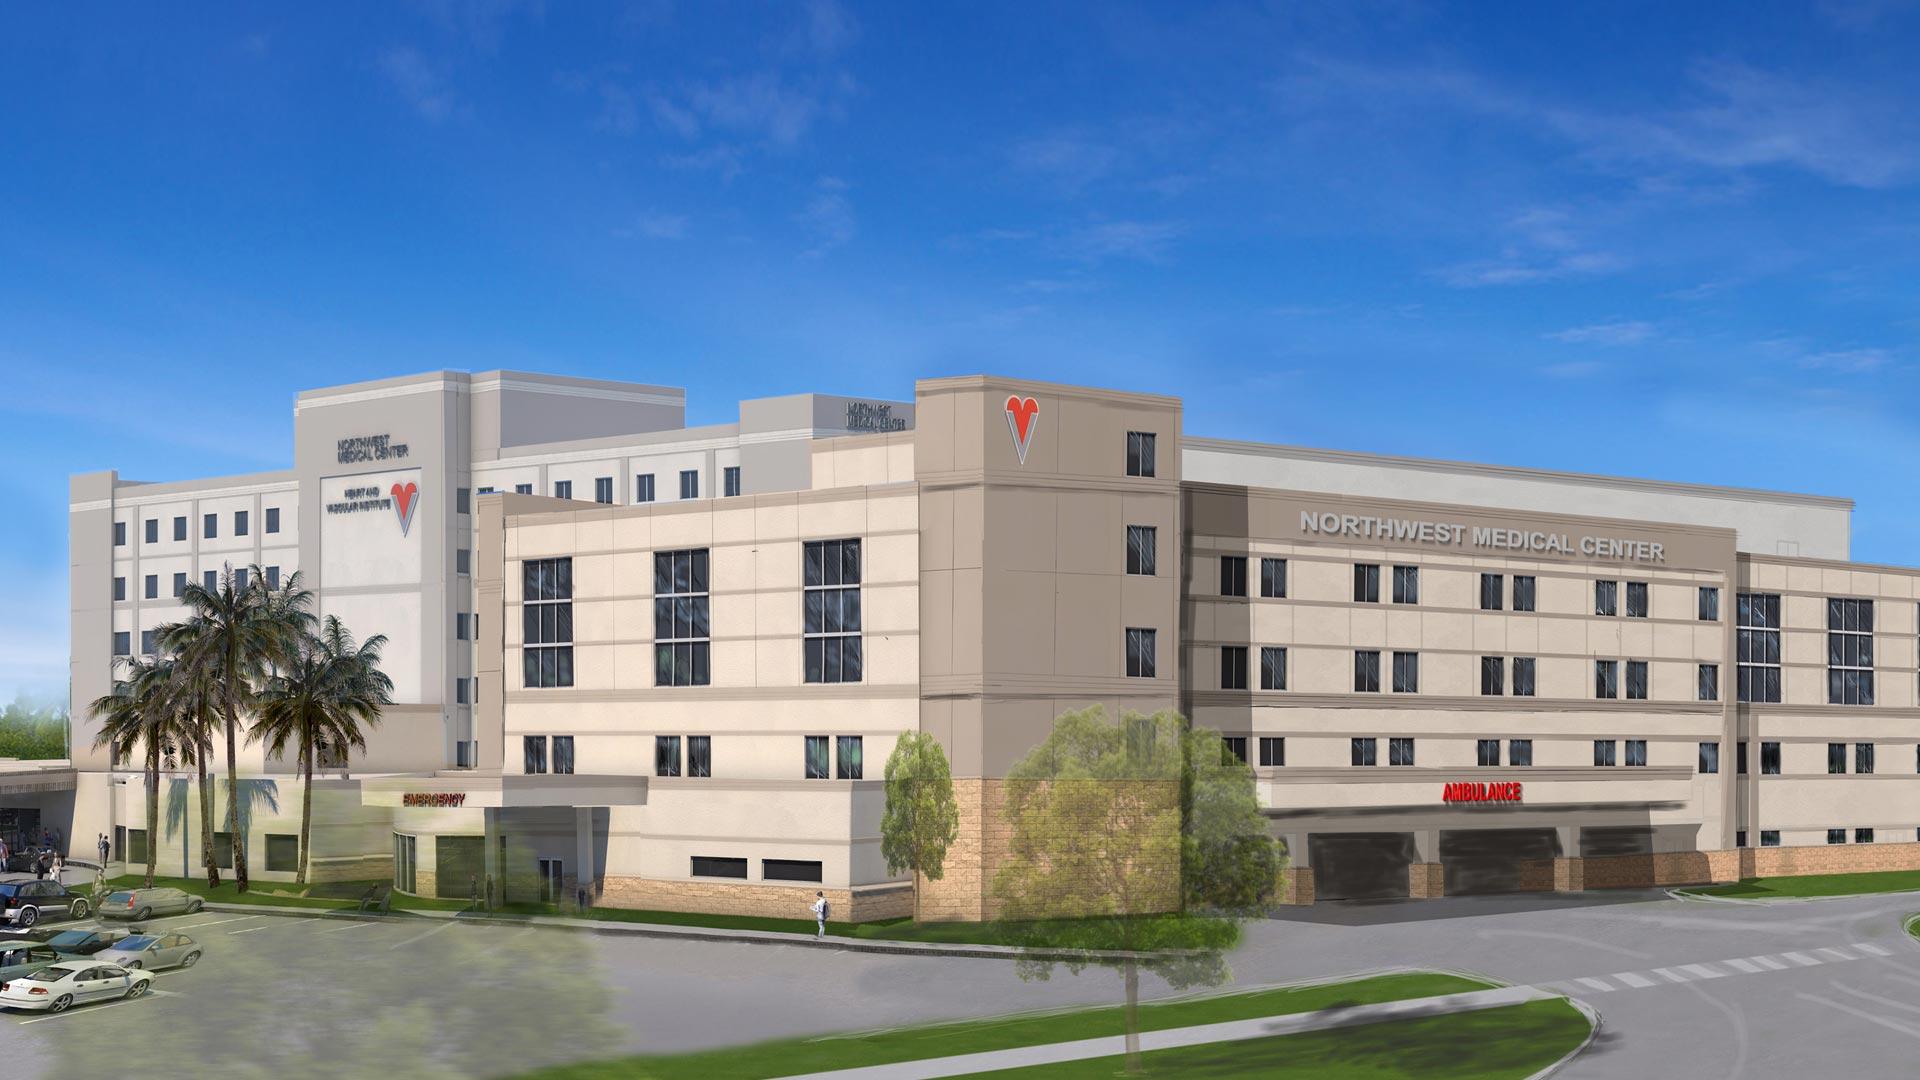 northwest medical center tmpartners pllc. Black Bedroom Furniture Sets. Home Design Ideas